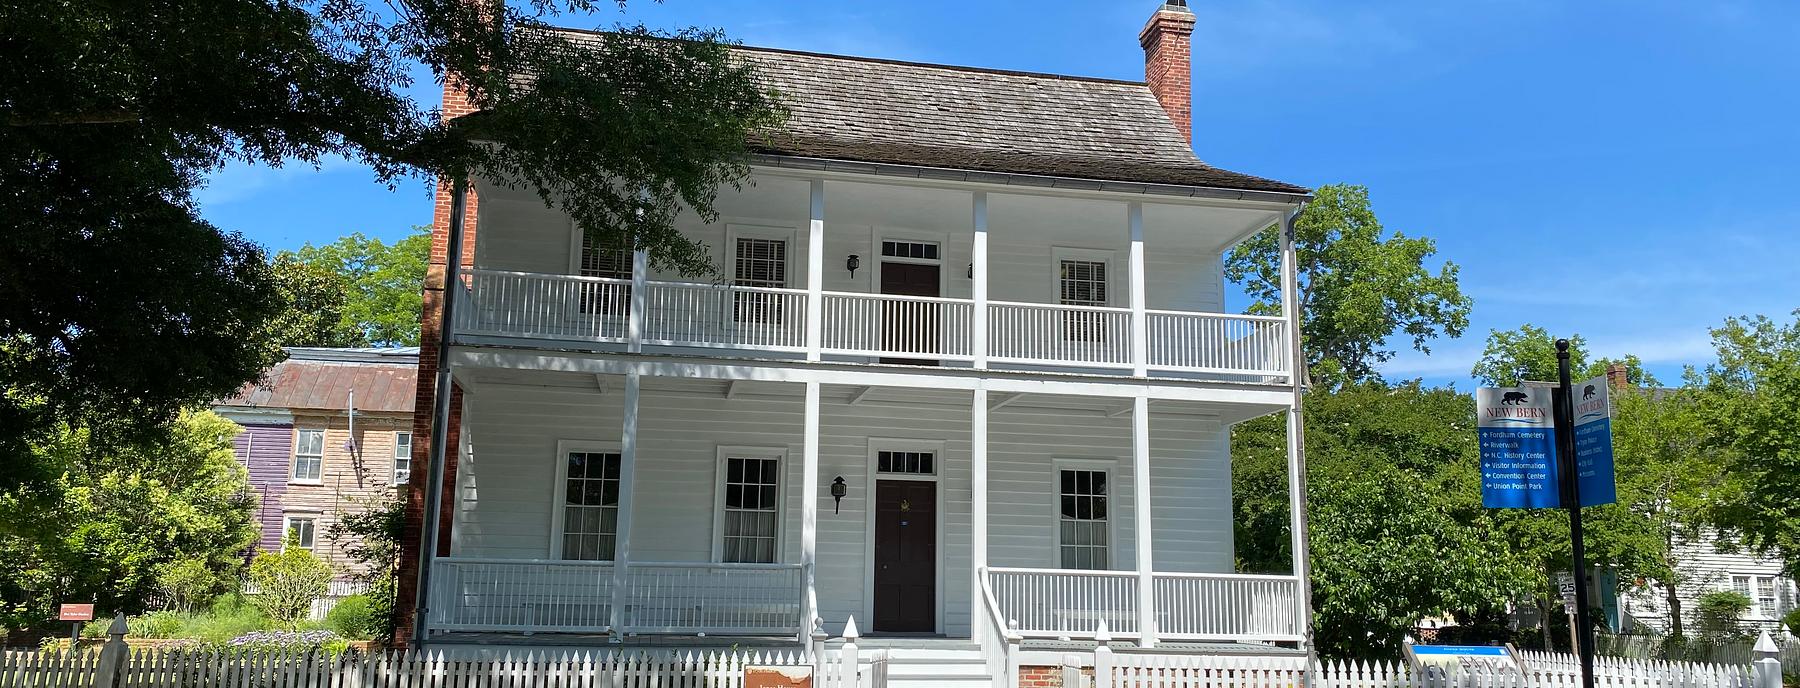 Jones House off Eden St.